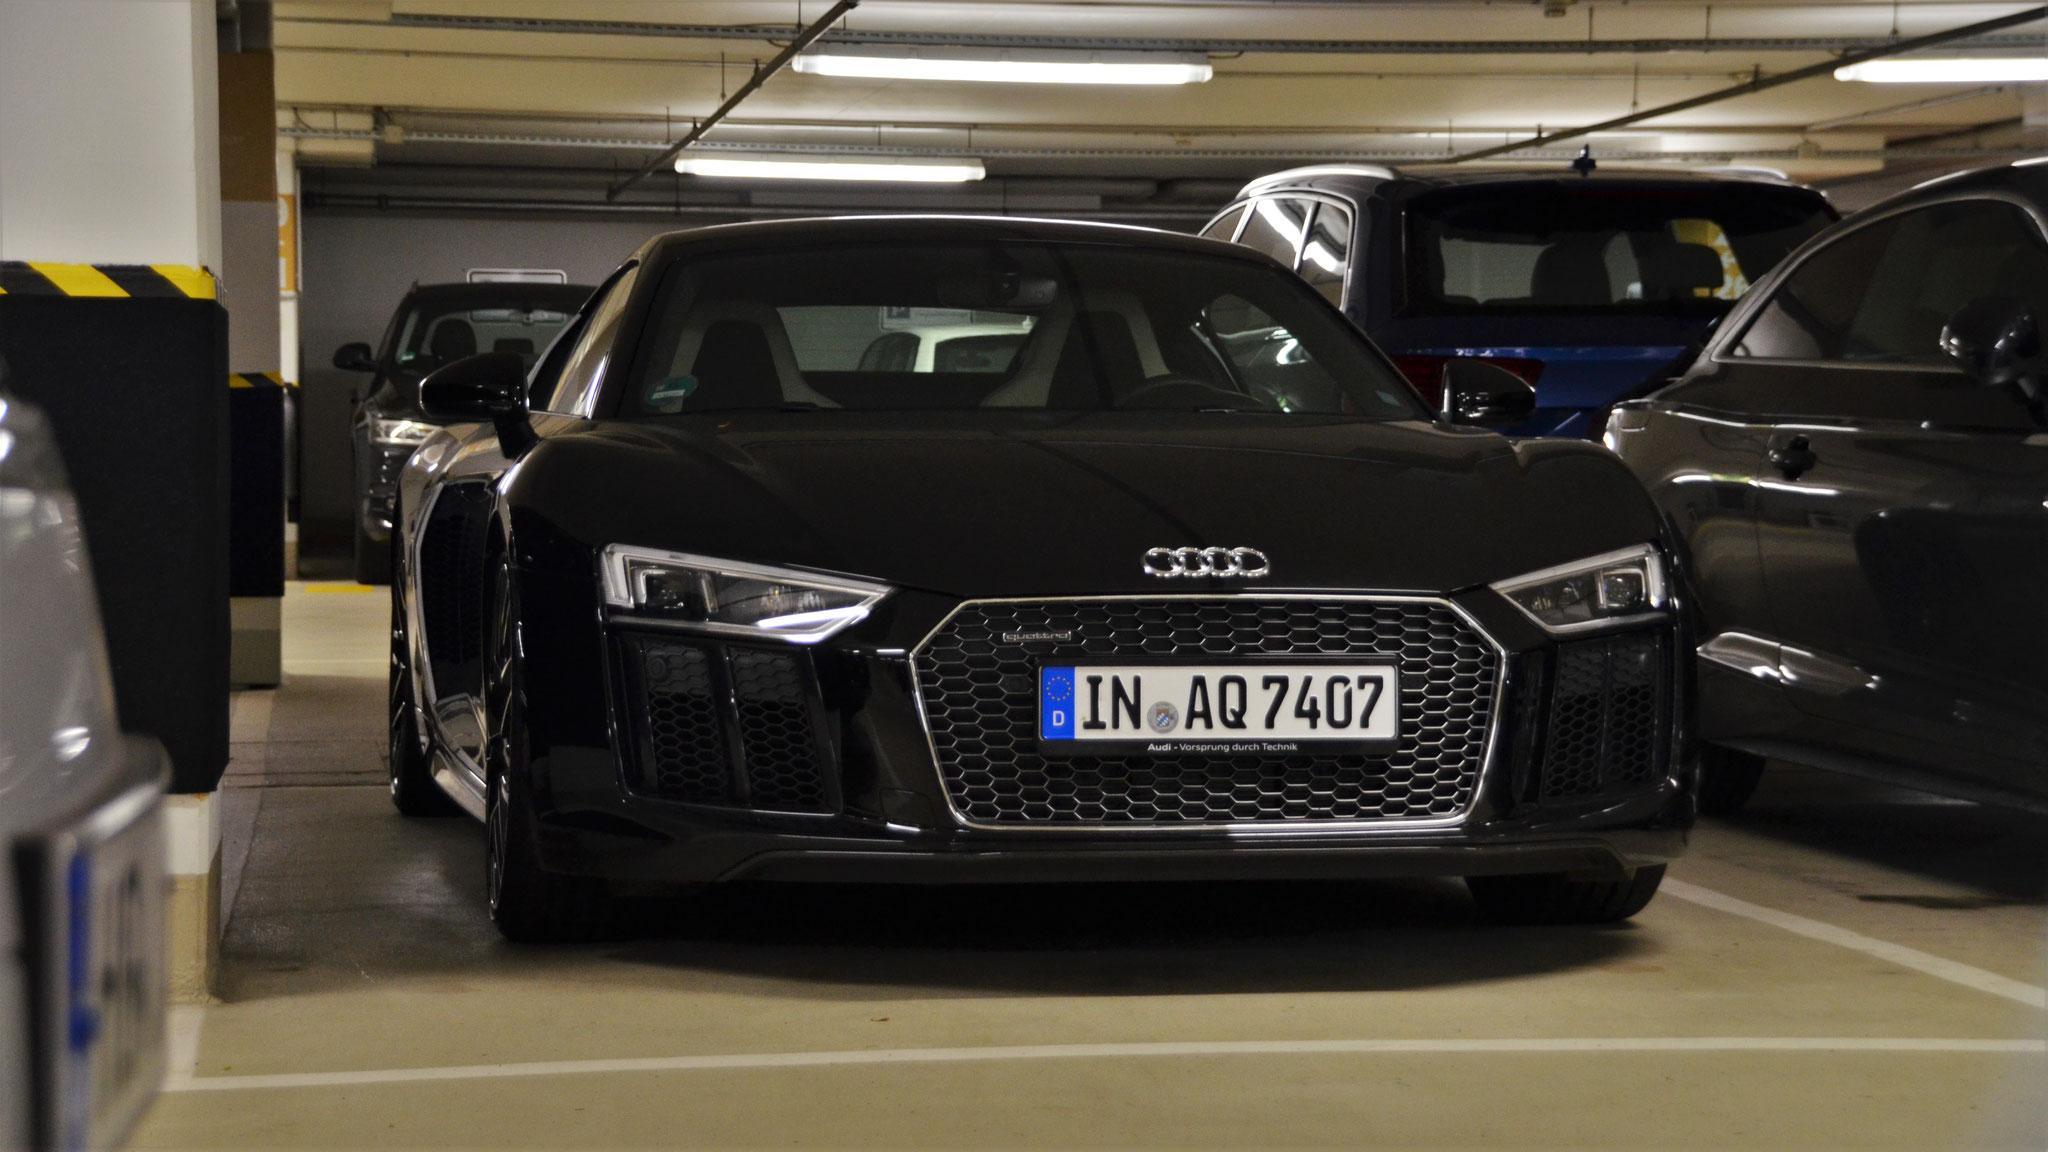 Audi R8 V10 - IN-AQ-7407